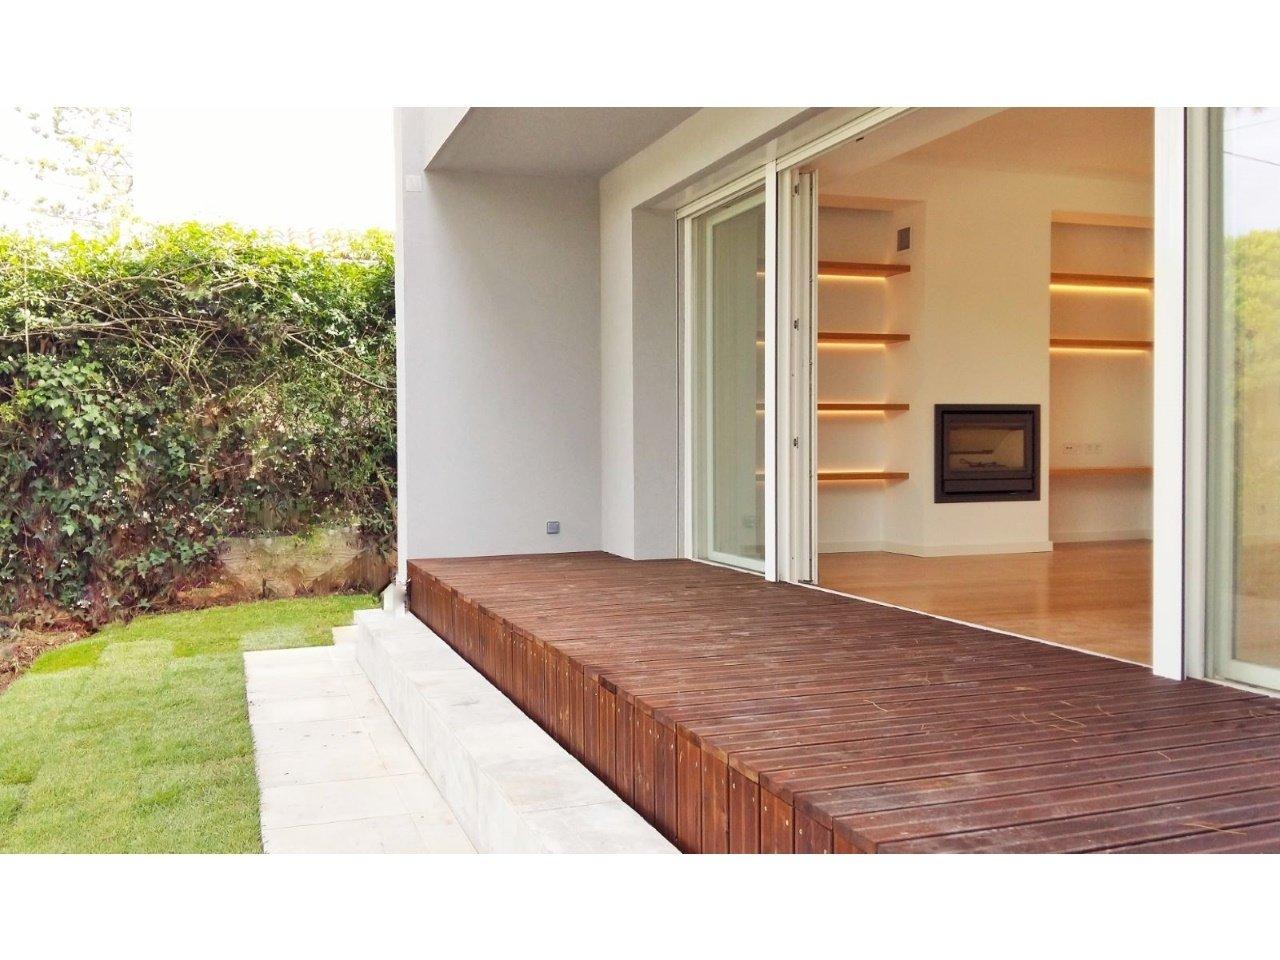 3 Bedroom Villa Cascais, Lisbon Ref: AVM192